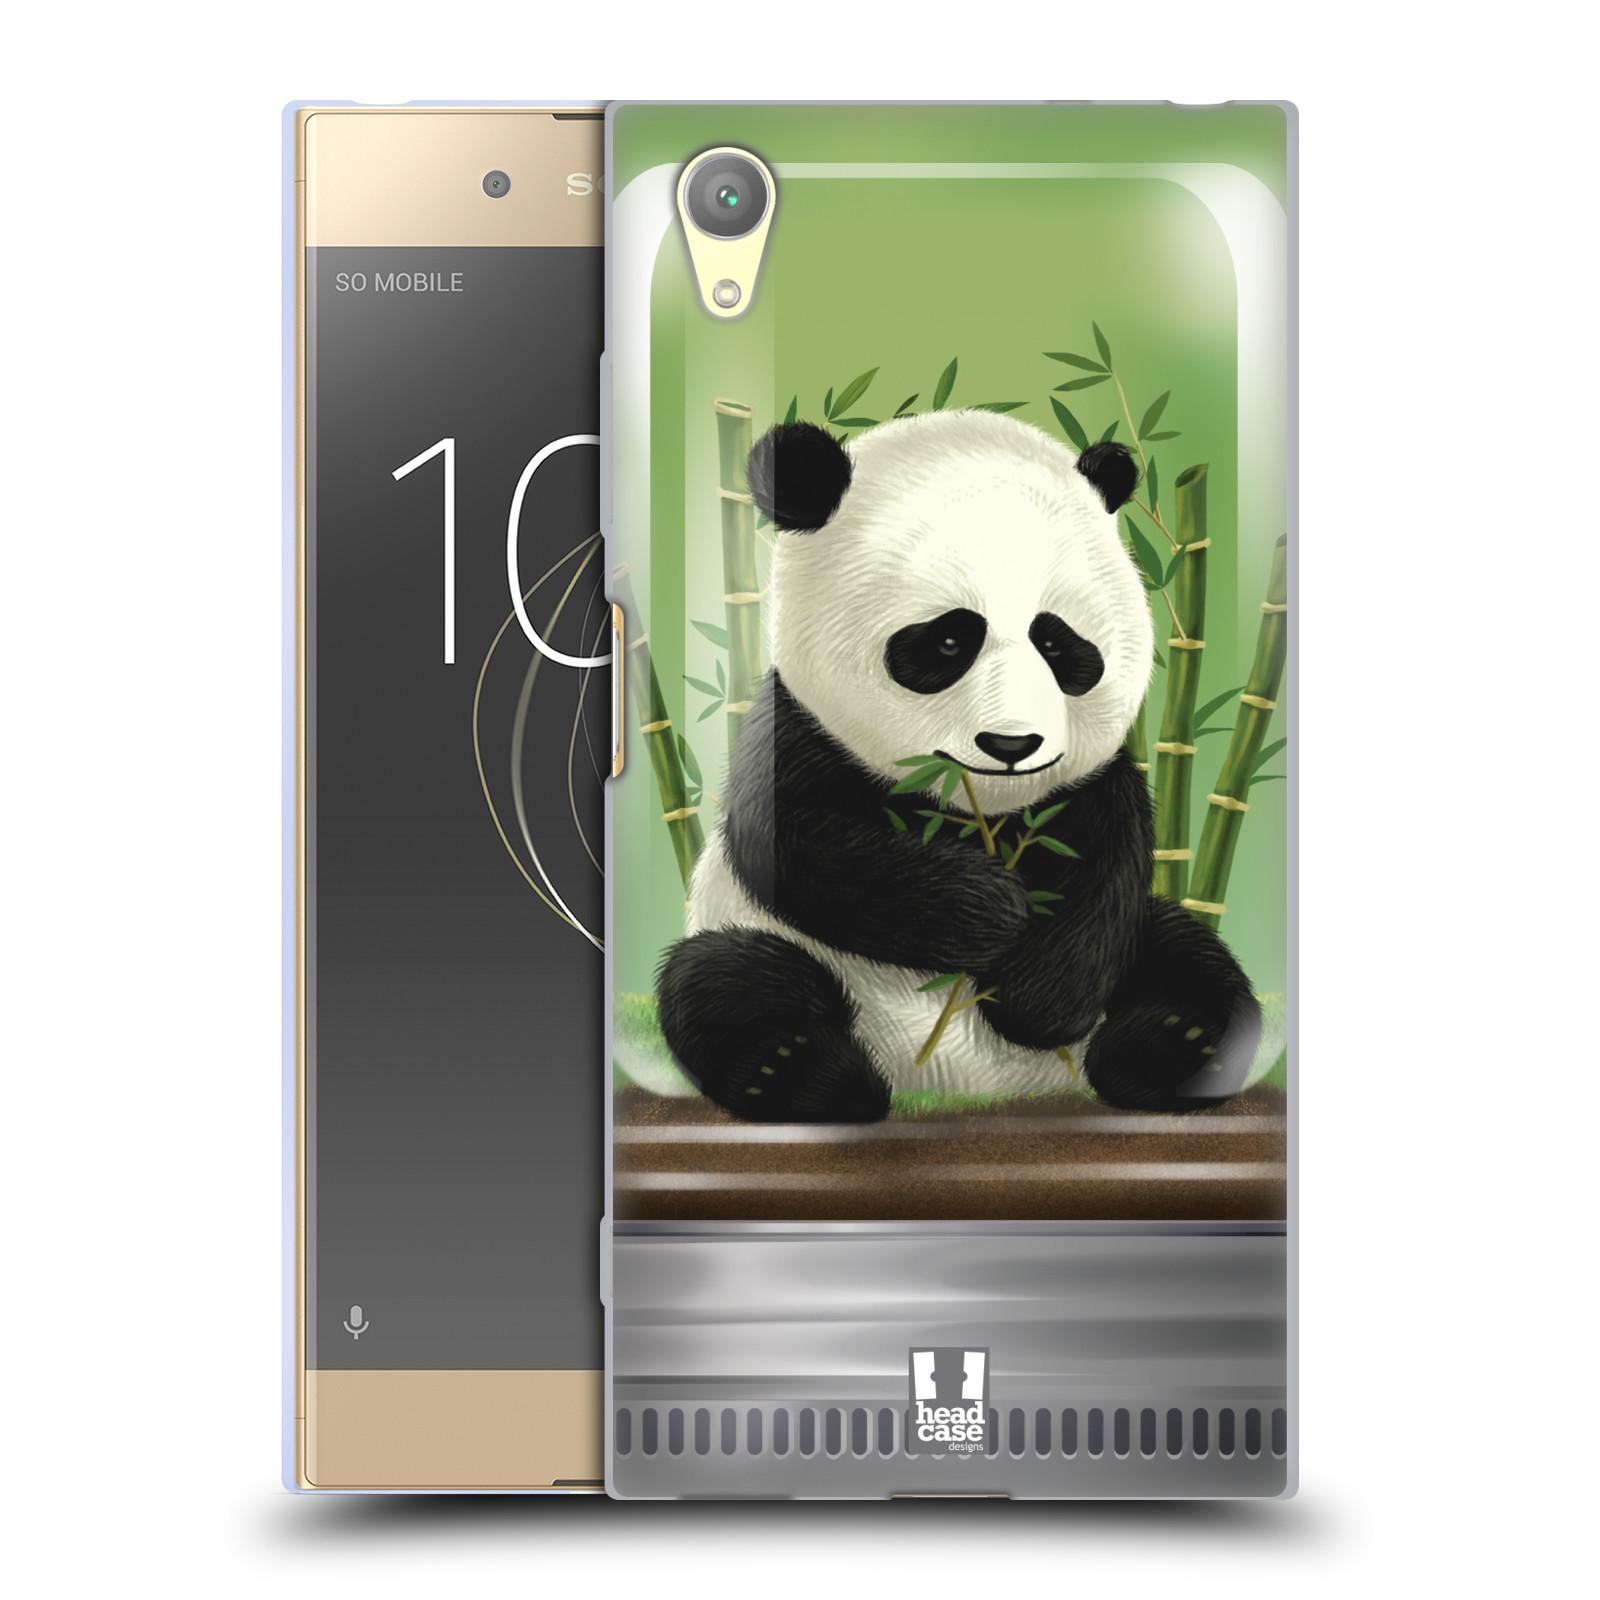 HEAD CASE silikonový obal na mobil Sony Xperia XA1 PLUS vzor Zvířátka v těžítku panda